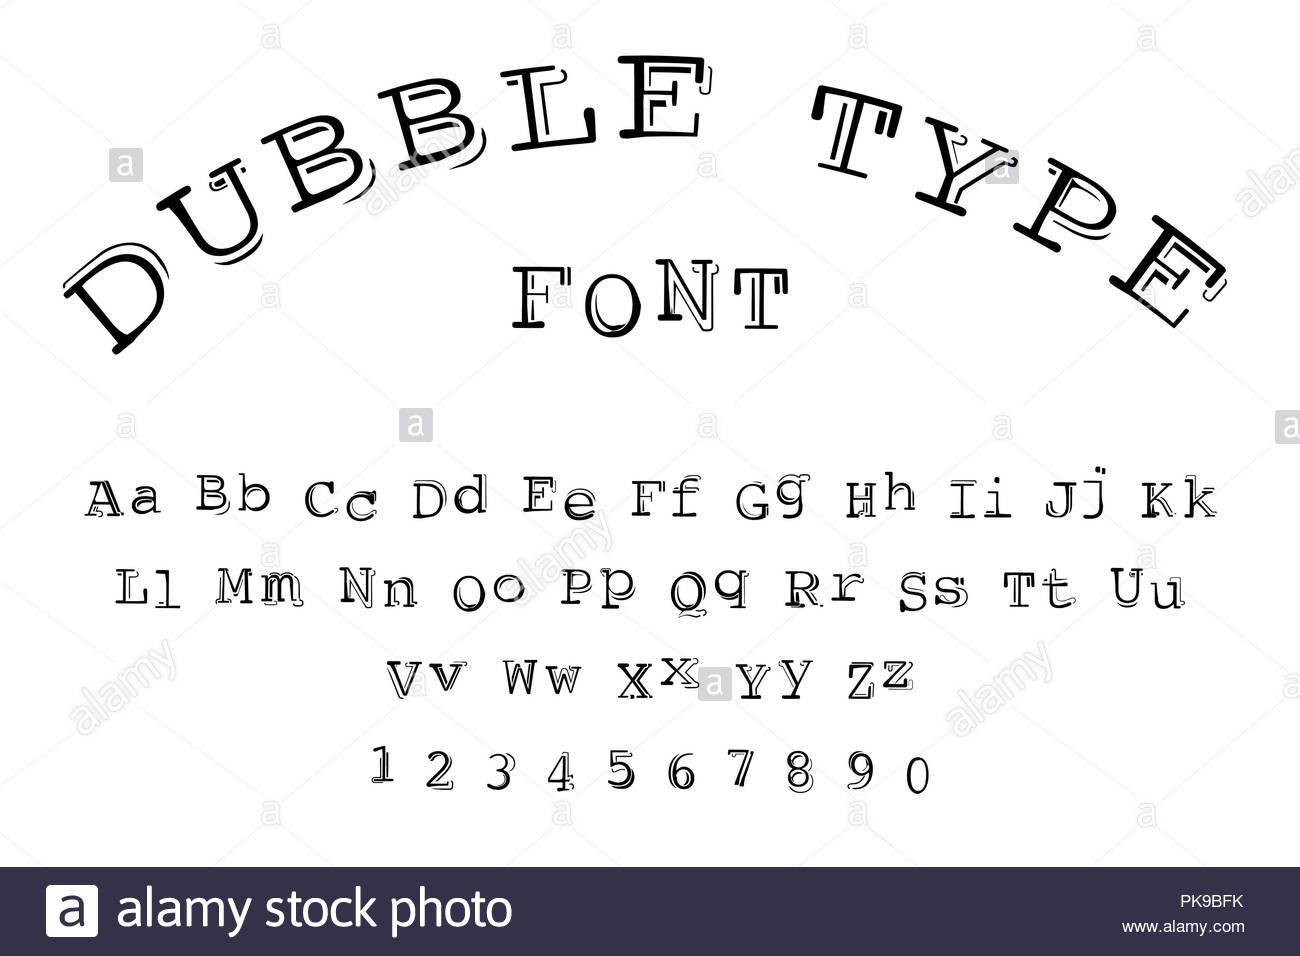 dubble type font - Stock Image